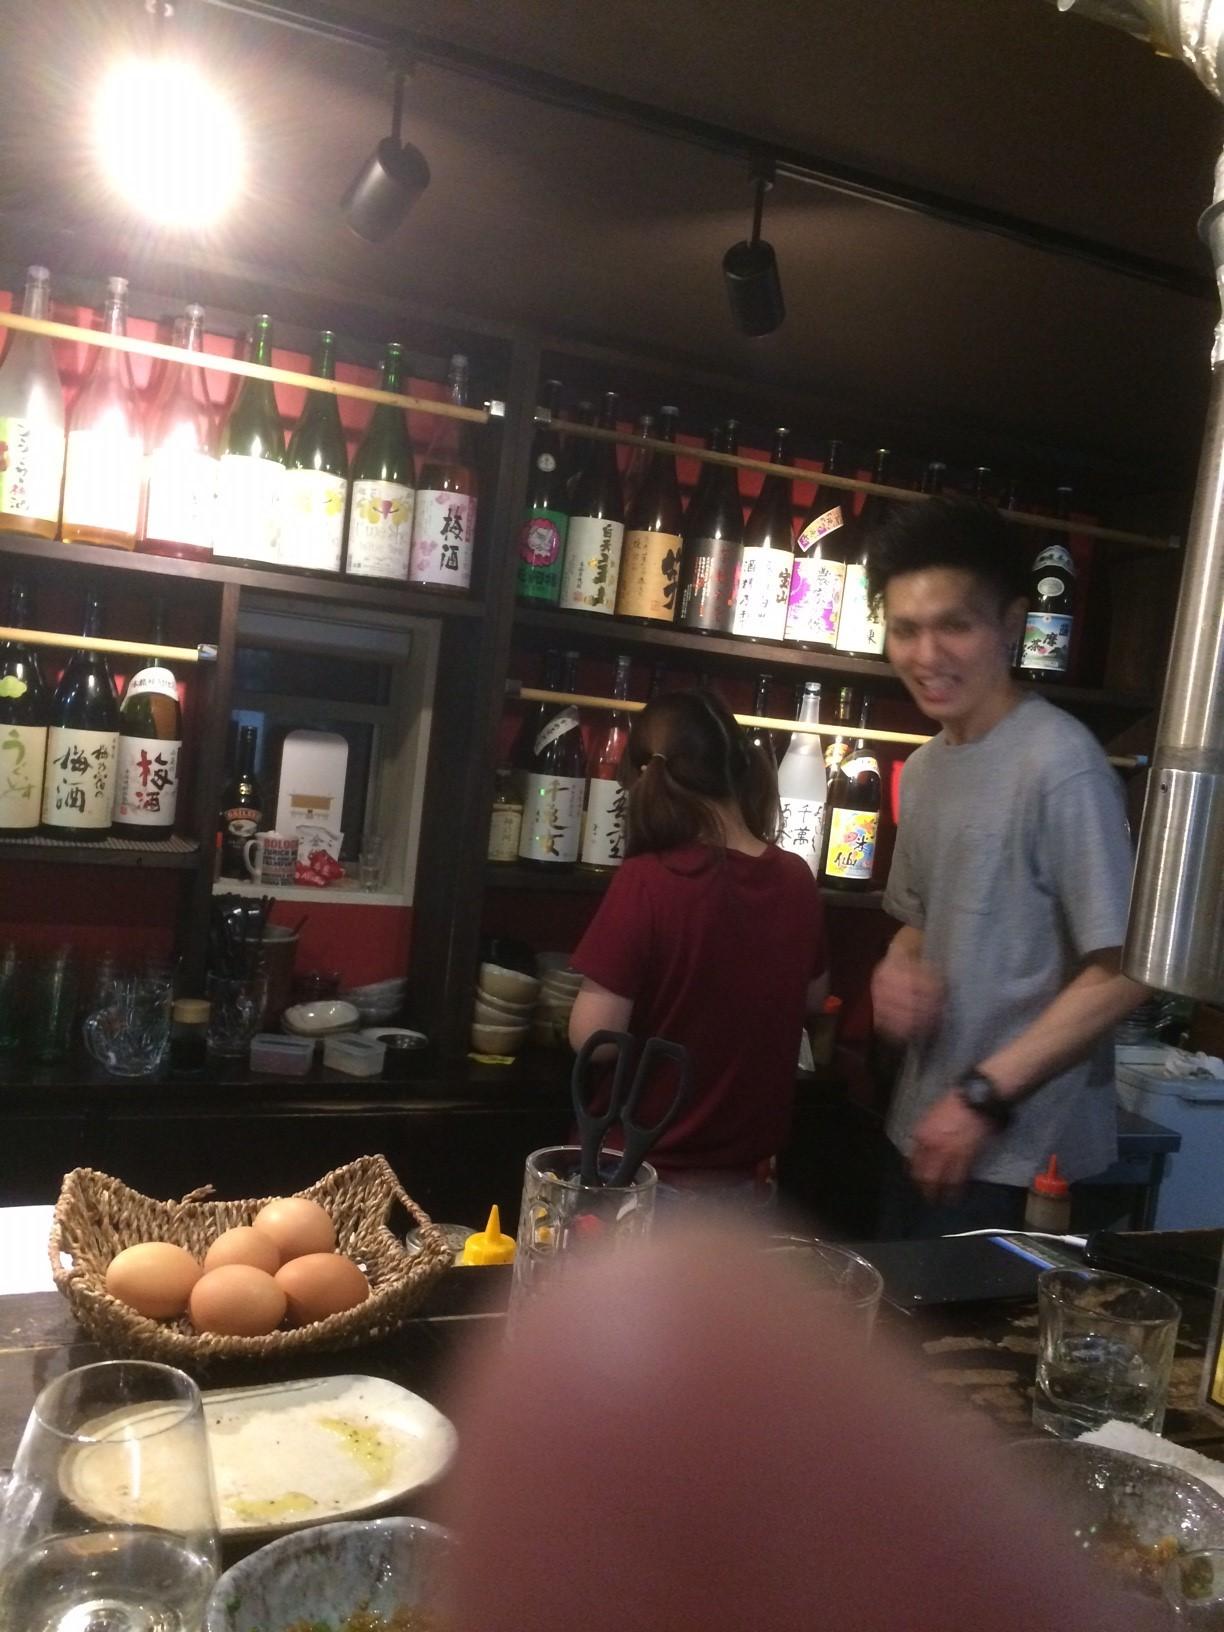 ☆限定芋焼酎、入荷!鹿児島県「明るい農村」~秘蔵古酒~☆_c0175182_14363820.jpg